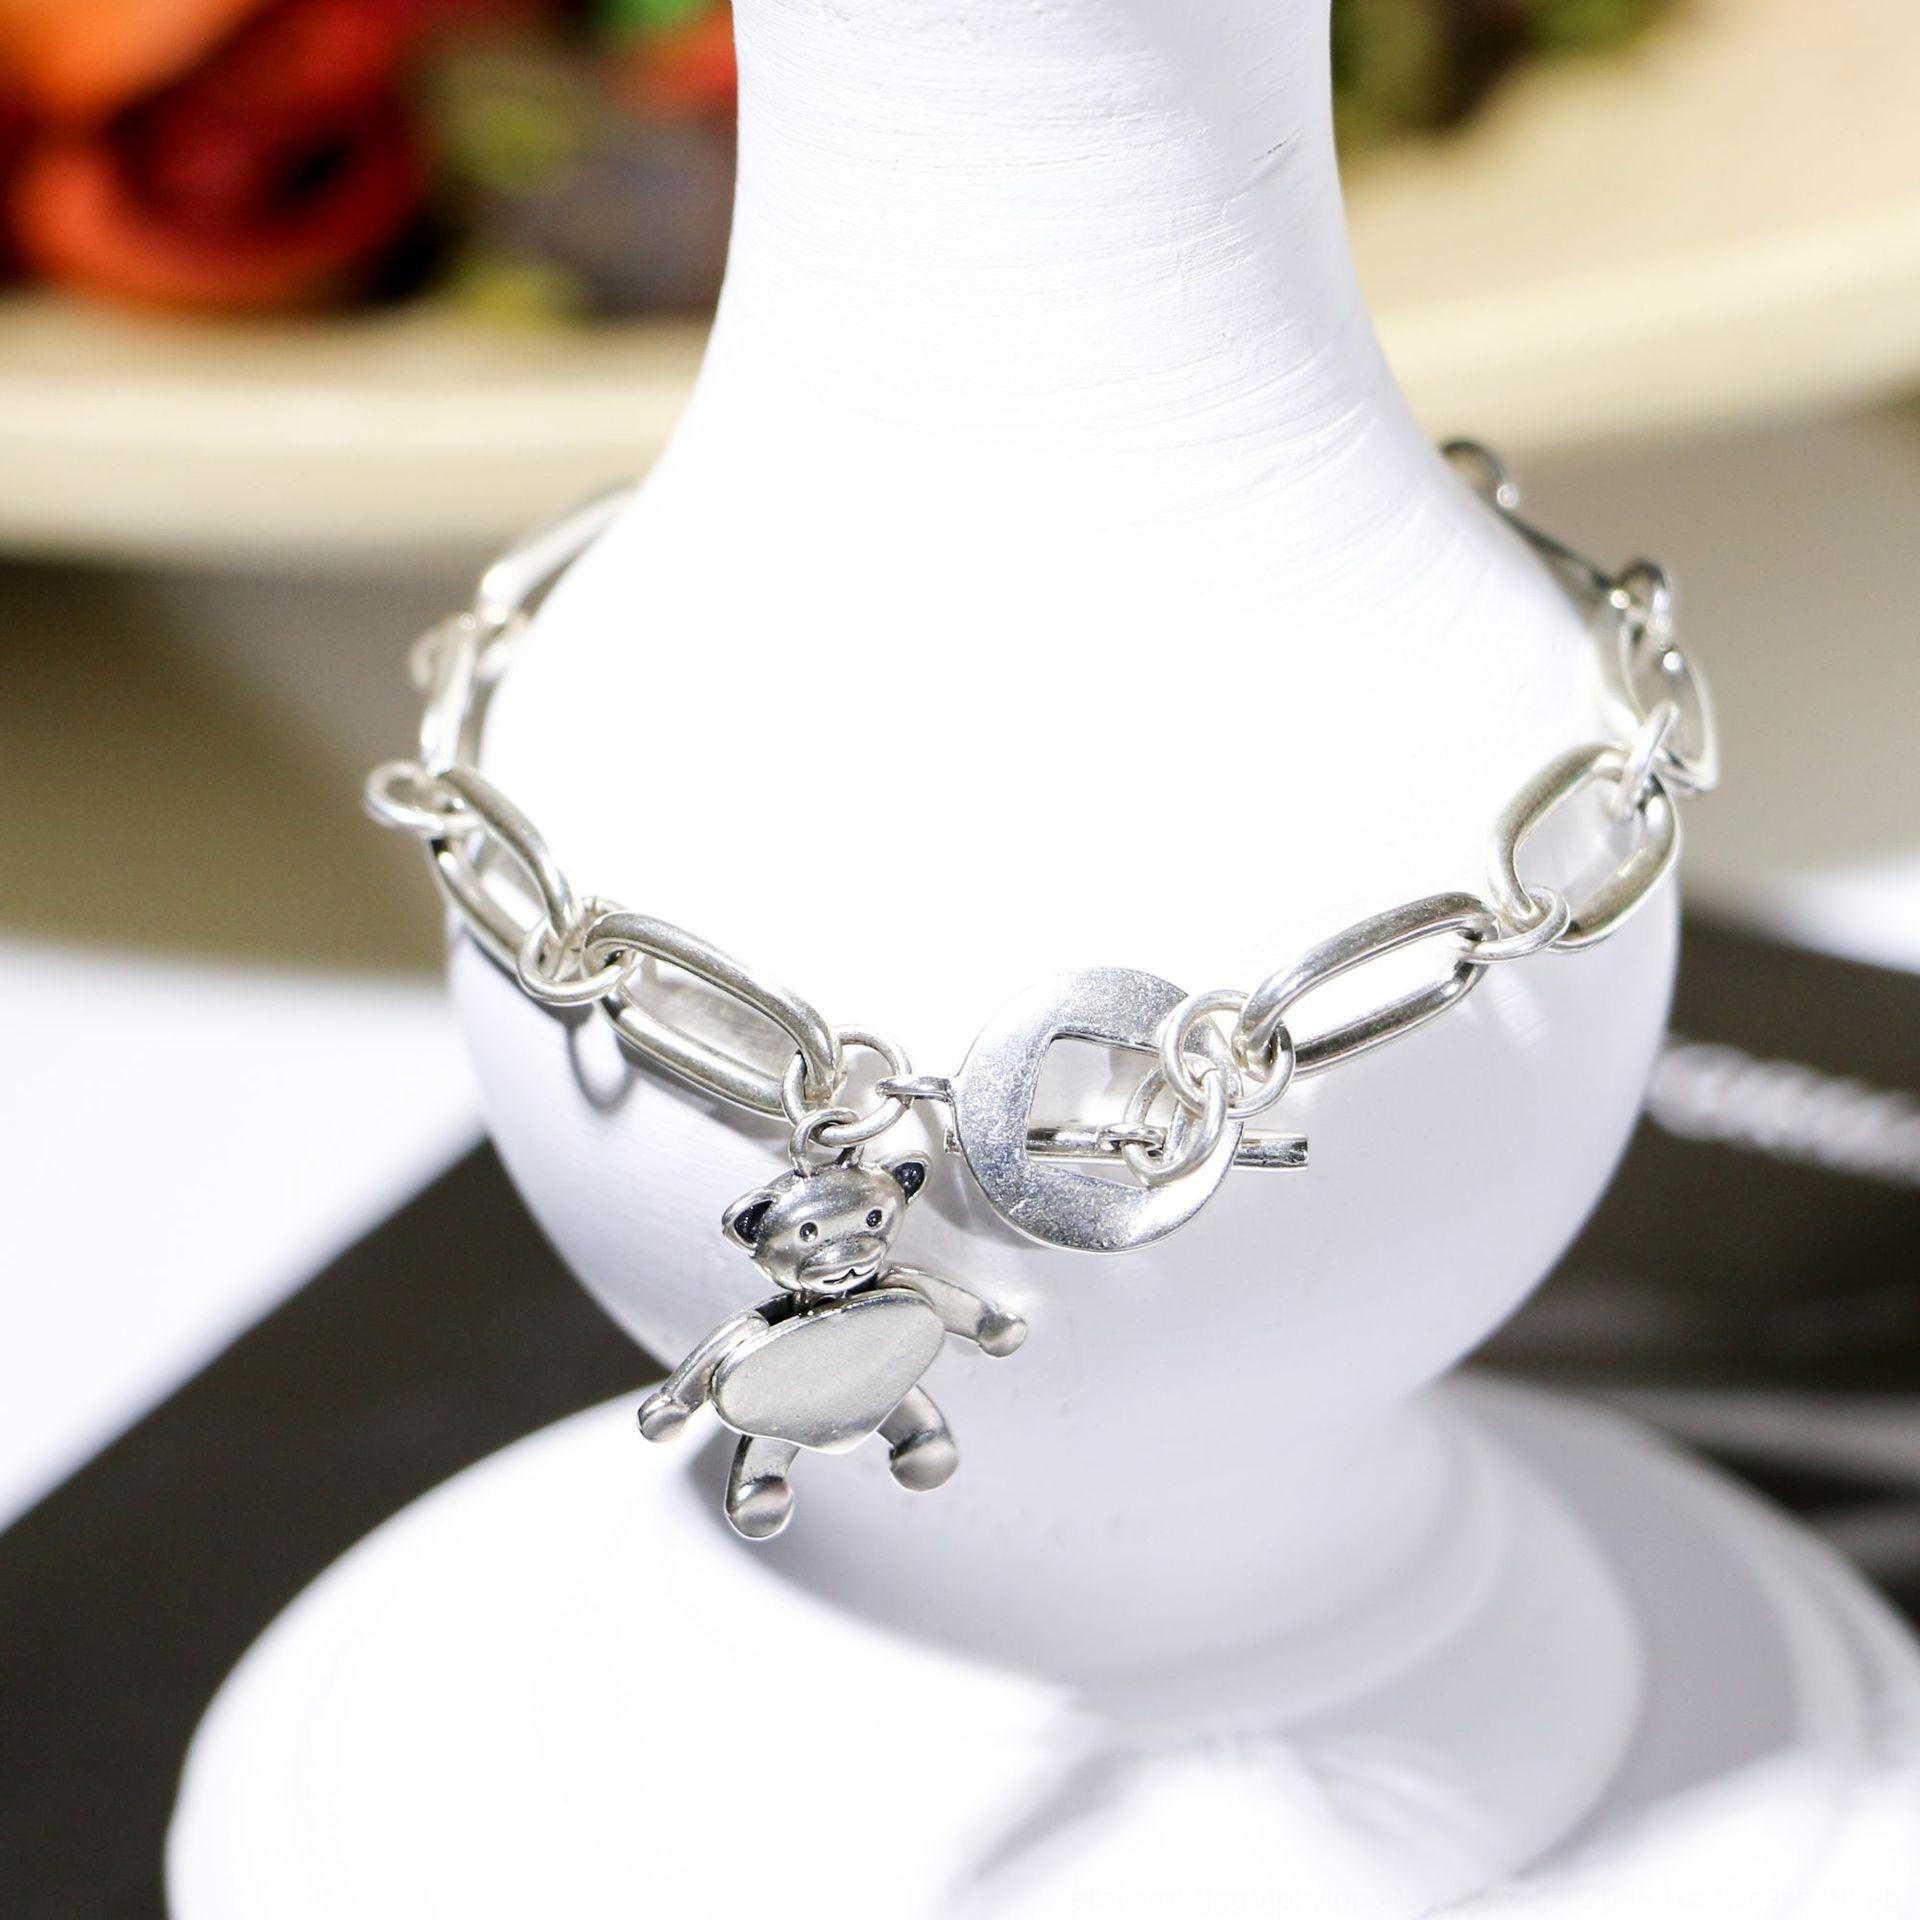 Güney Kore East Gate Tay gümüş dört uzuvlar hareketli ayı bilezik S925 gümüş takı bilezik S6bJP tasarım lightniche